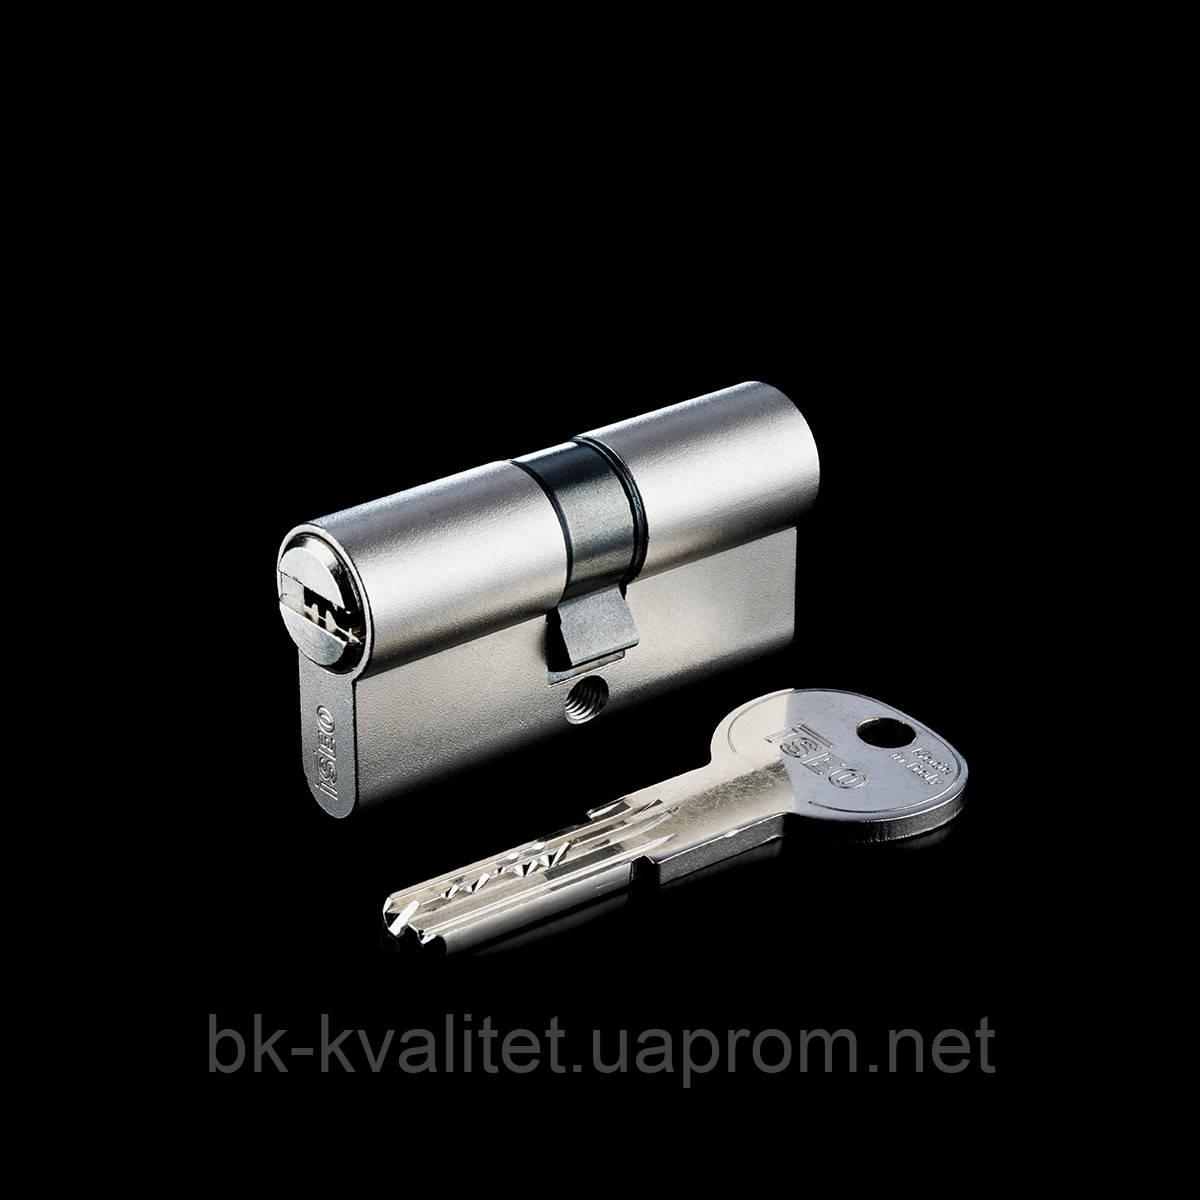 Цилиндр ISEO R6 40 (30х10) ключ/ключ, никель